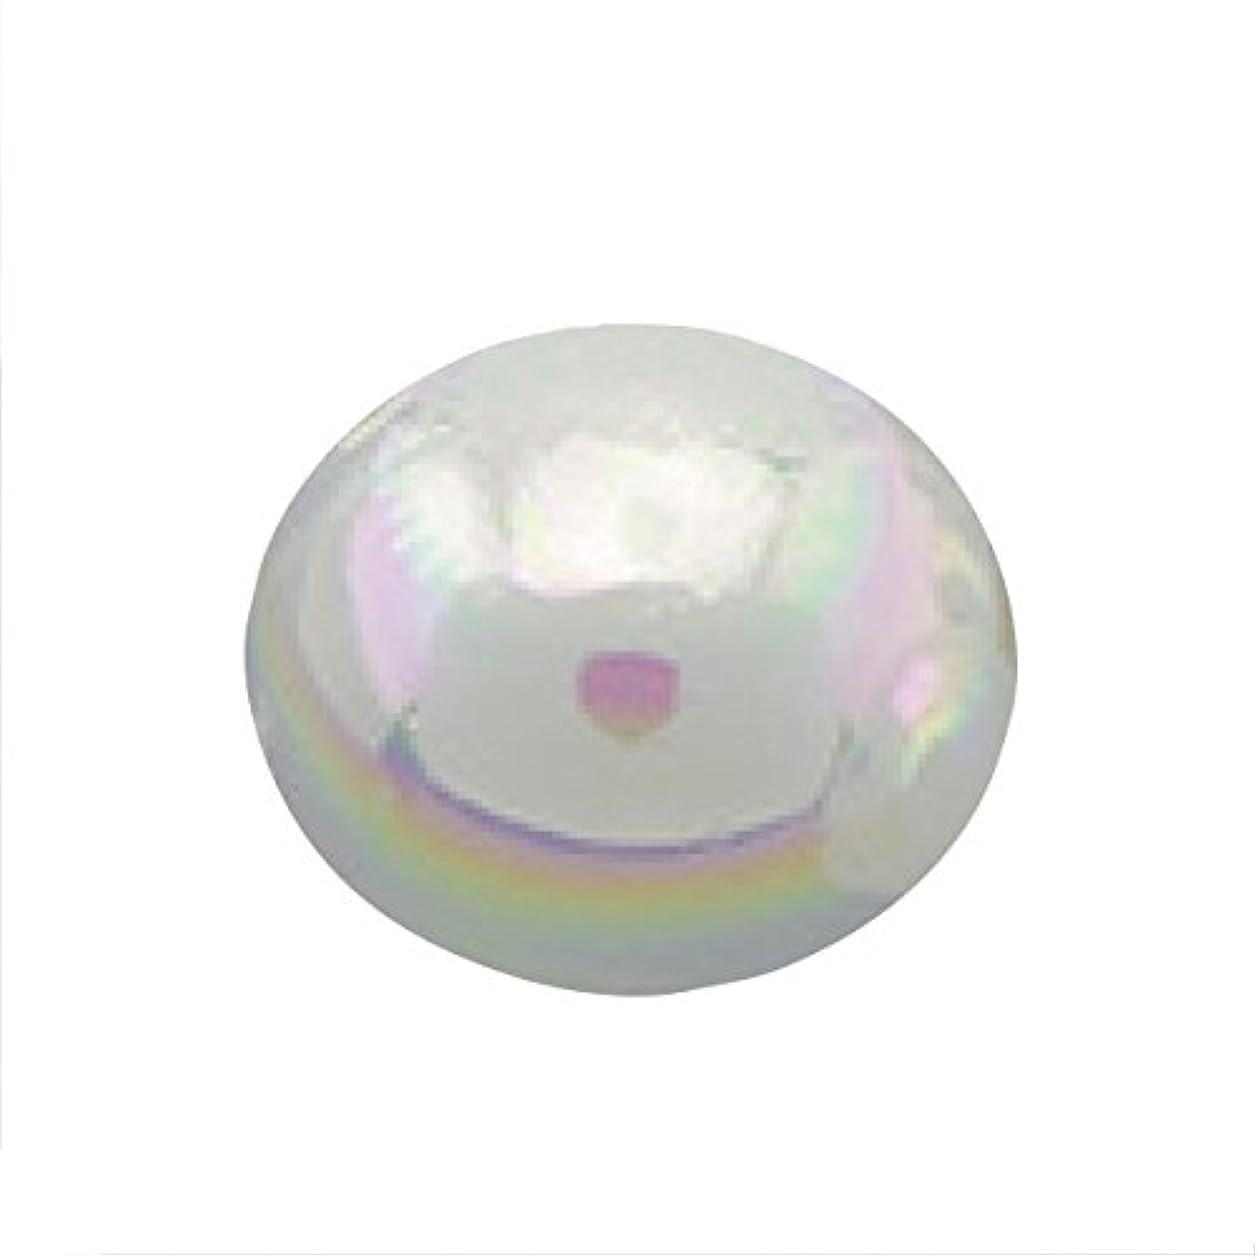 追放するラフ睡眠洞察力のあるパールオーロラオフホワイト1.5mm(50個入り)